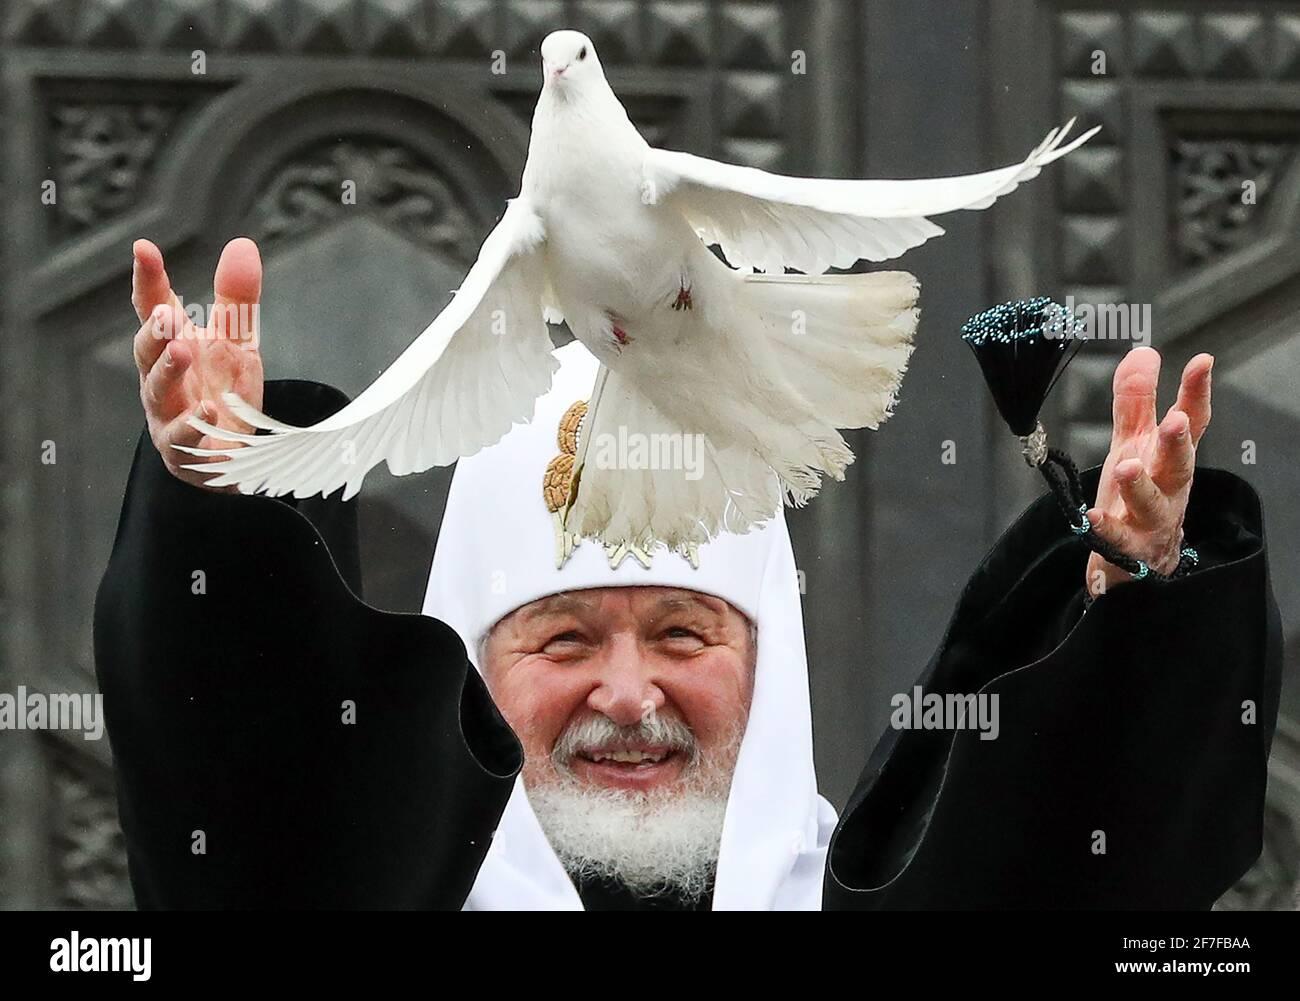 Moskau, Russland. April 2021. Patriarch Kyrill von Moskau und ganz Russland lässt Tauben in den Himmel frei, um das Fest der Verkündigung vor der Kathedrale Christi, des Erlösers, zu feiern. Quelle: Mikhail Tereschtschenko/TASS/Alamy Live News Stockfoto